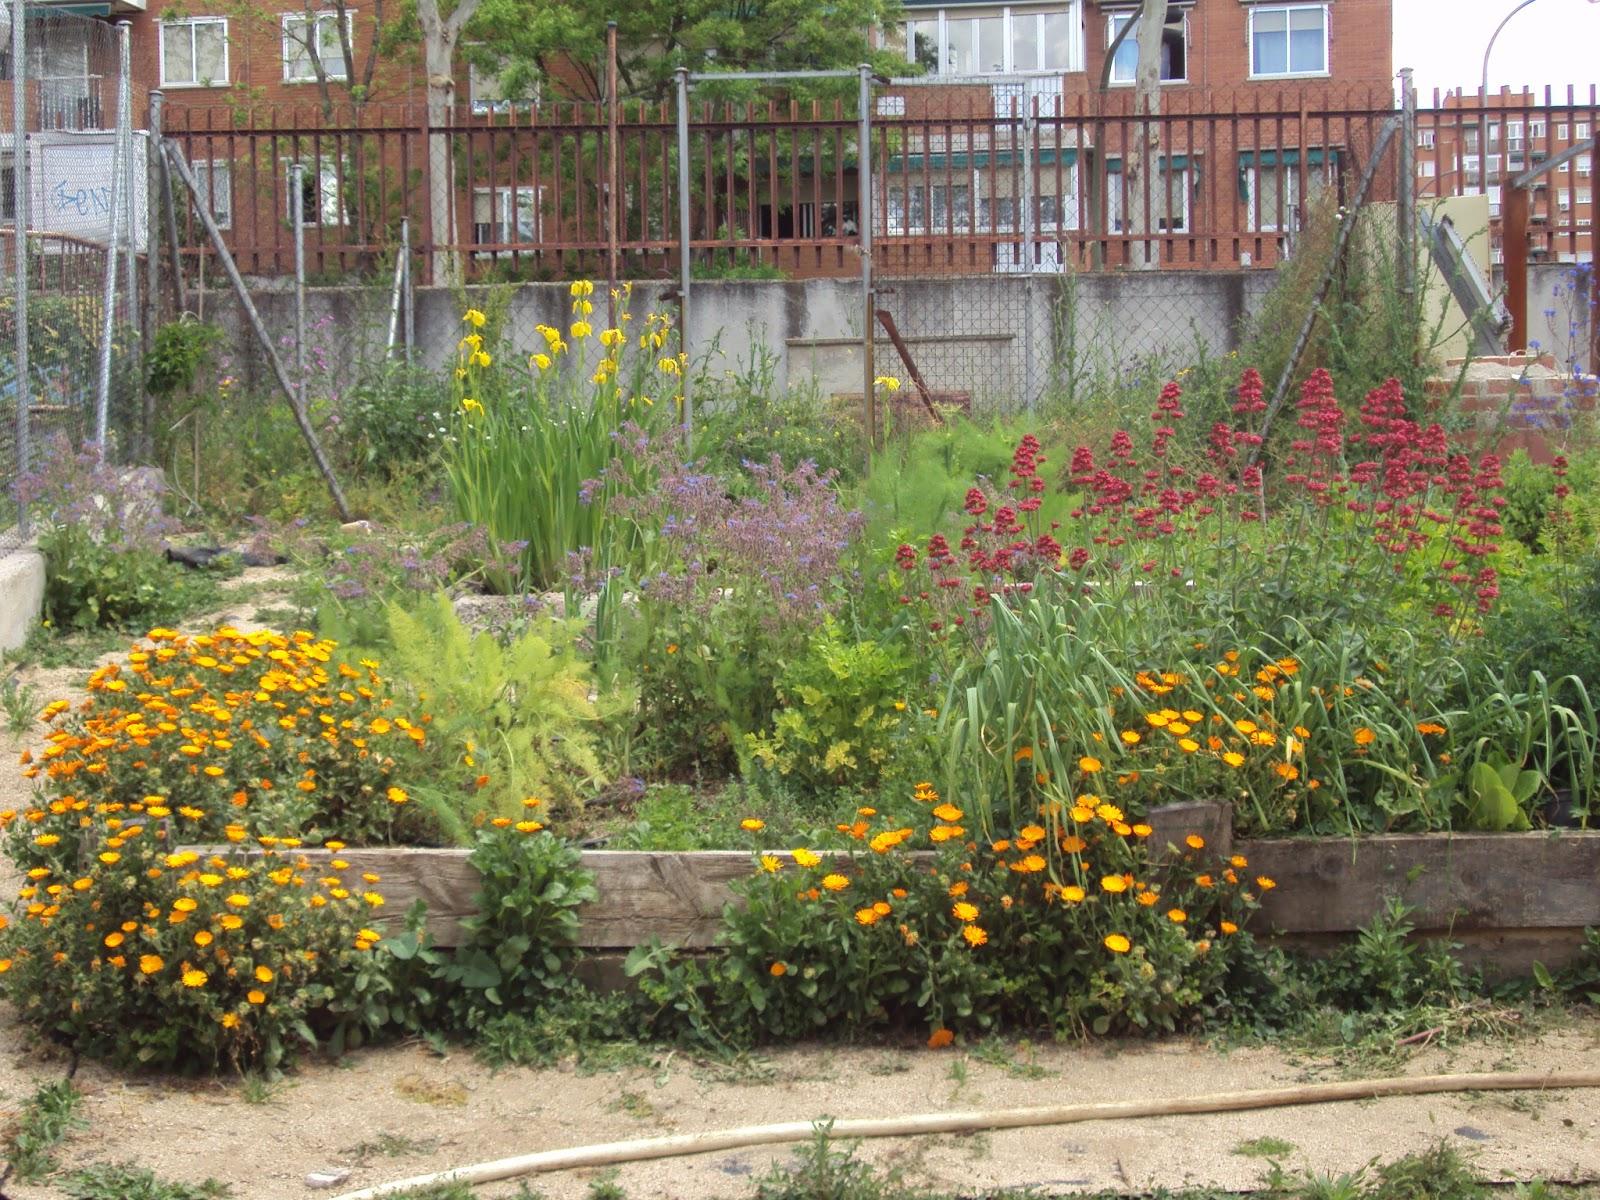 En torno al huerto gu a de plantas arom ticas culinarias y medicinales en el huerto - Plantas aromaticas jardin ...